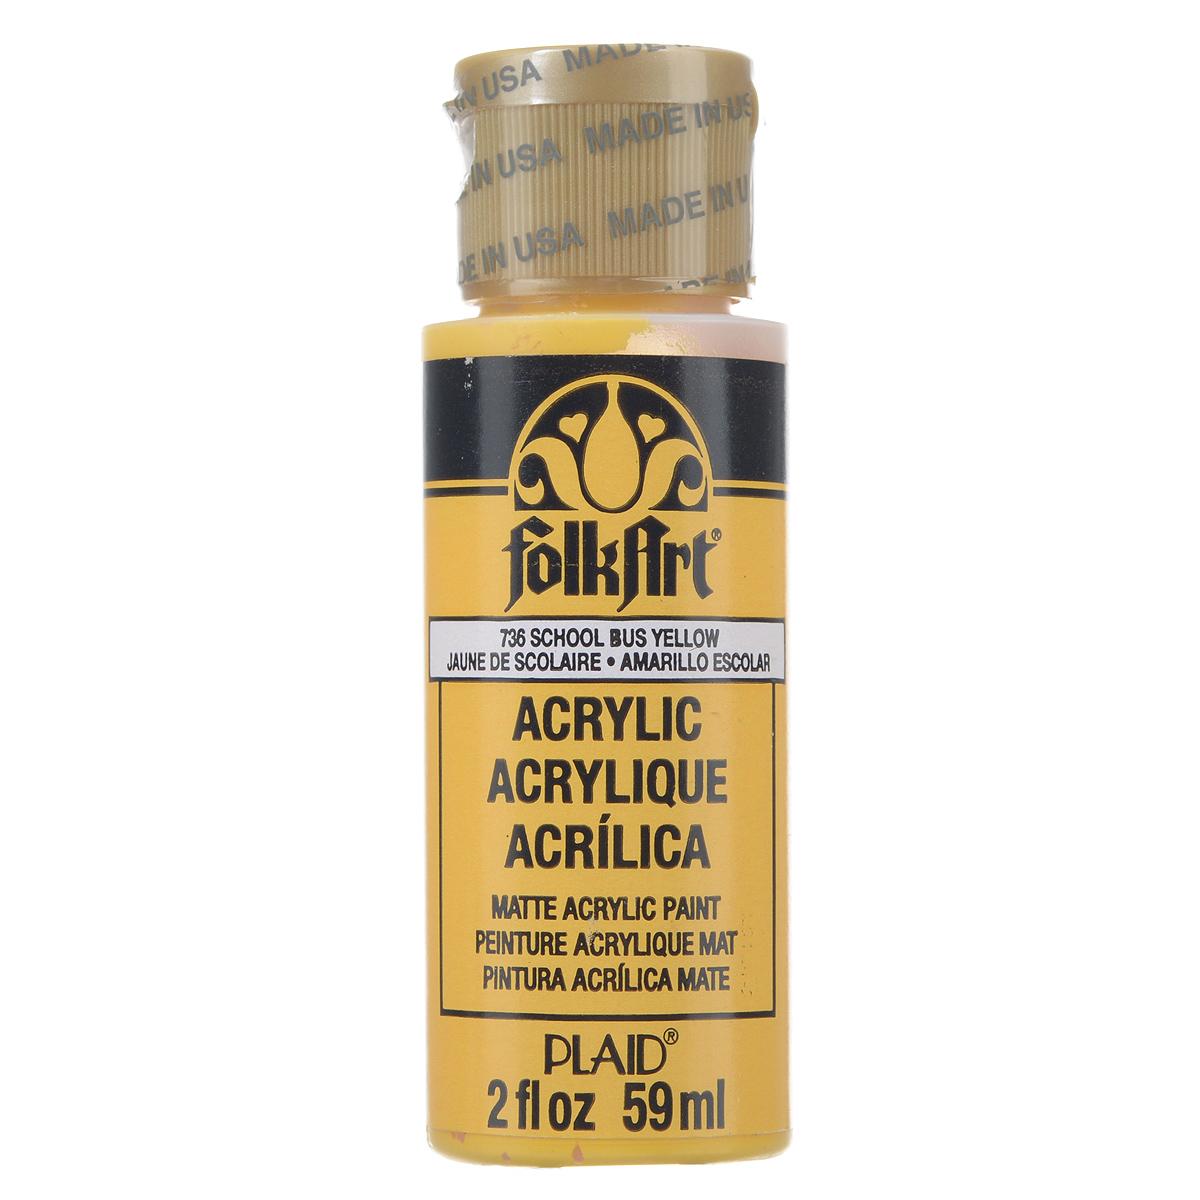 Акриловая краска FolkArt, цвет: желтый школьный автобус, 59 млPLD-00736Акриловая краска FolkArt выполнена на водной основе и предназначена для рисования на пористых поверхностях. Краска устойчива к погодным и ультрафиолетовым воздействиям. Не нуждается в дополнительном покрытии герметиком. После высыхания имеет глянцевый вид. Изделия покрытые краской FolkArt, прекрасно дополнят ваш интерьер. Объем: 59 мл.